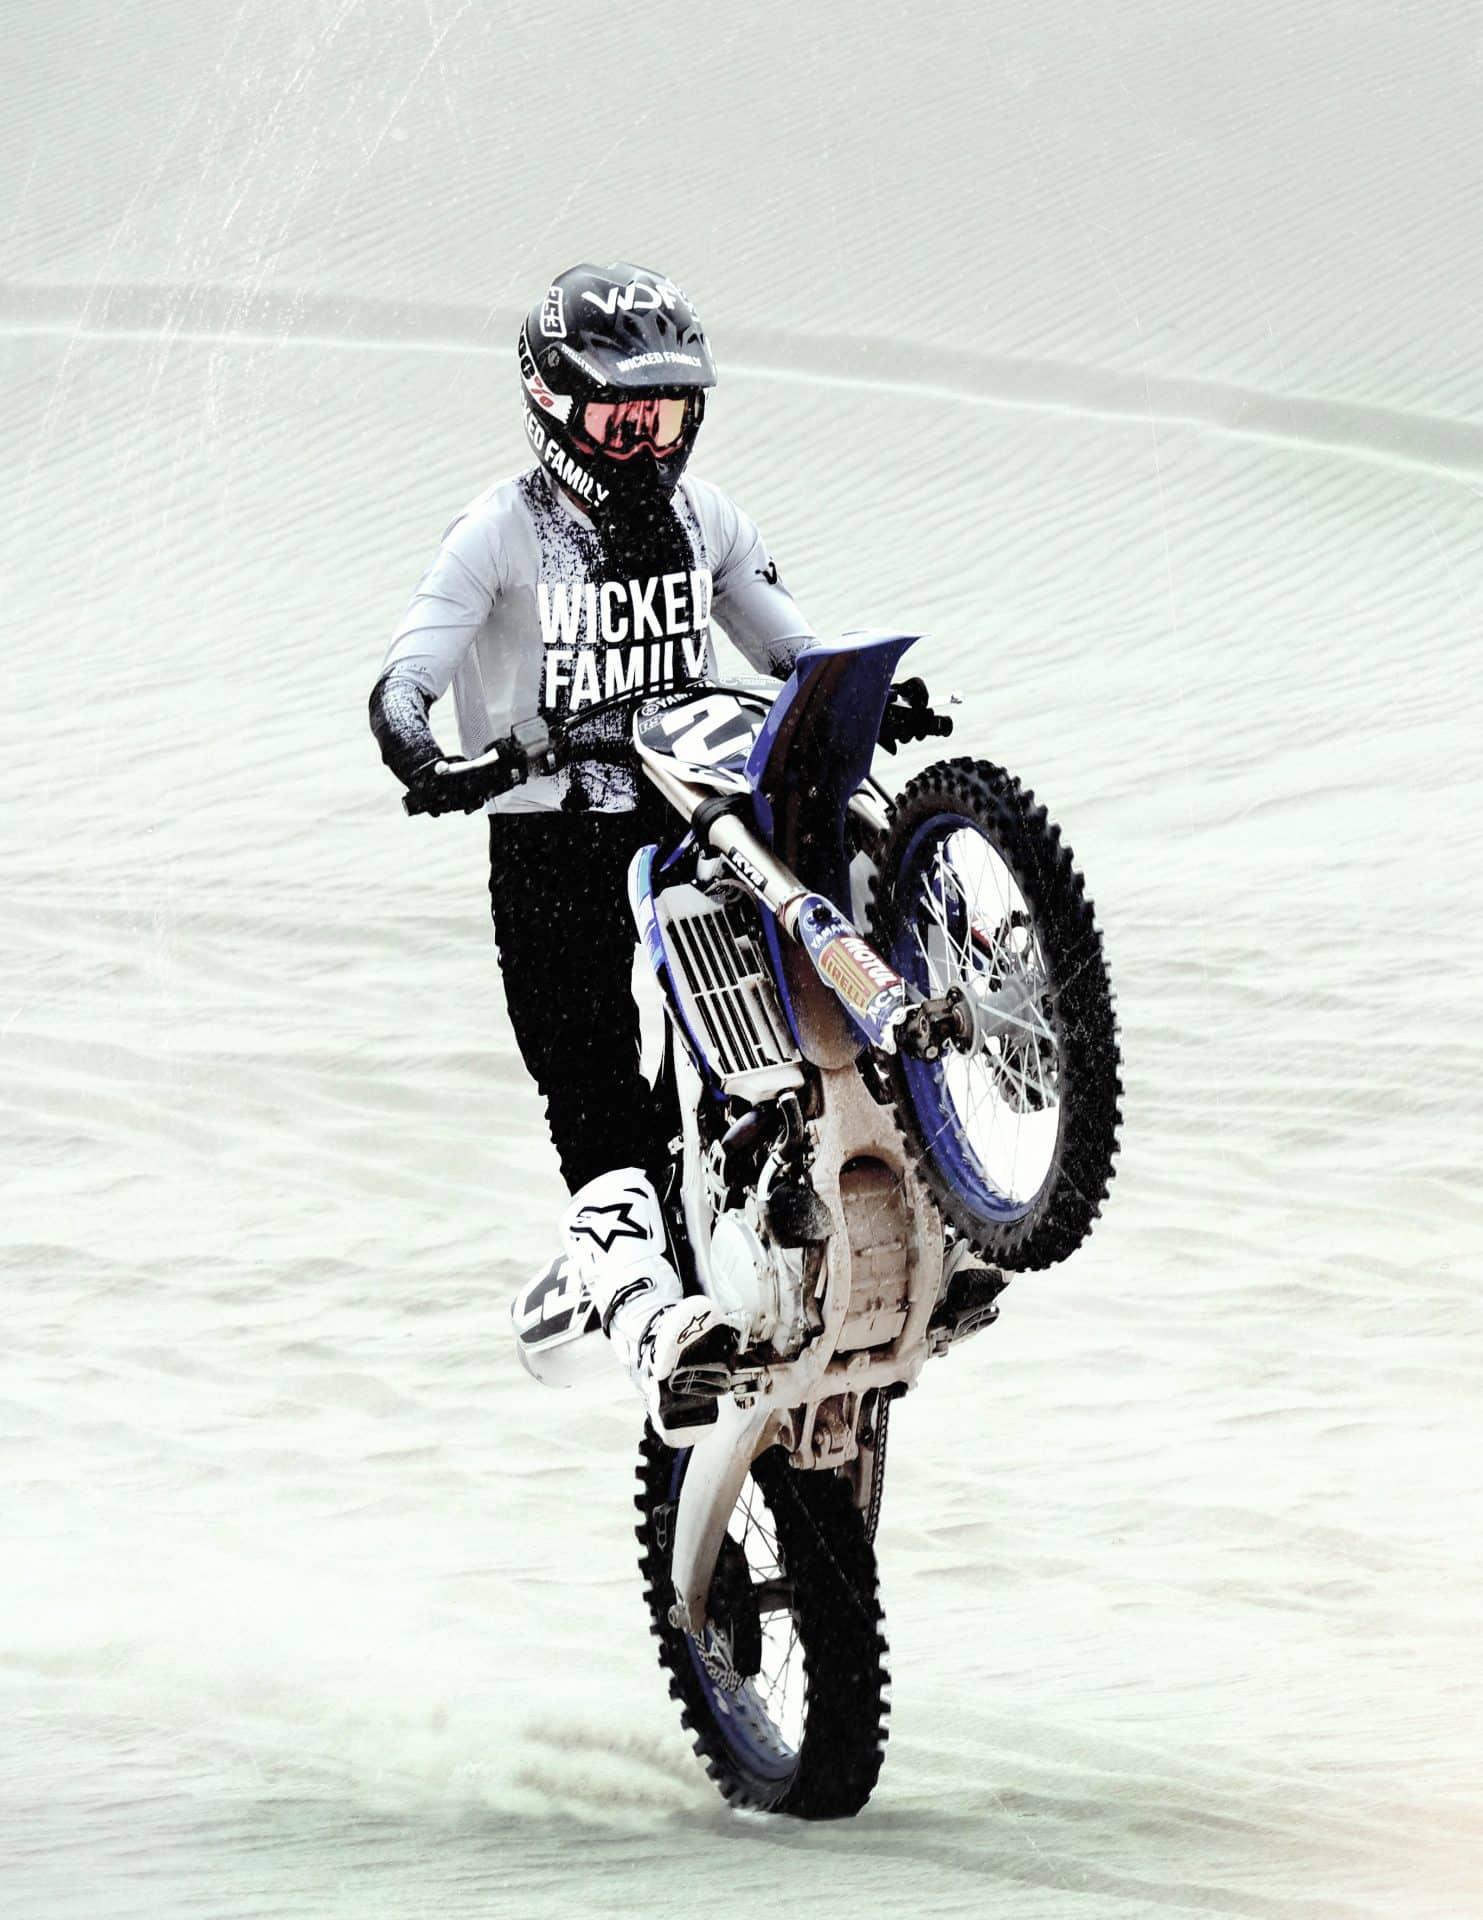 Track MX Gear